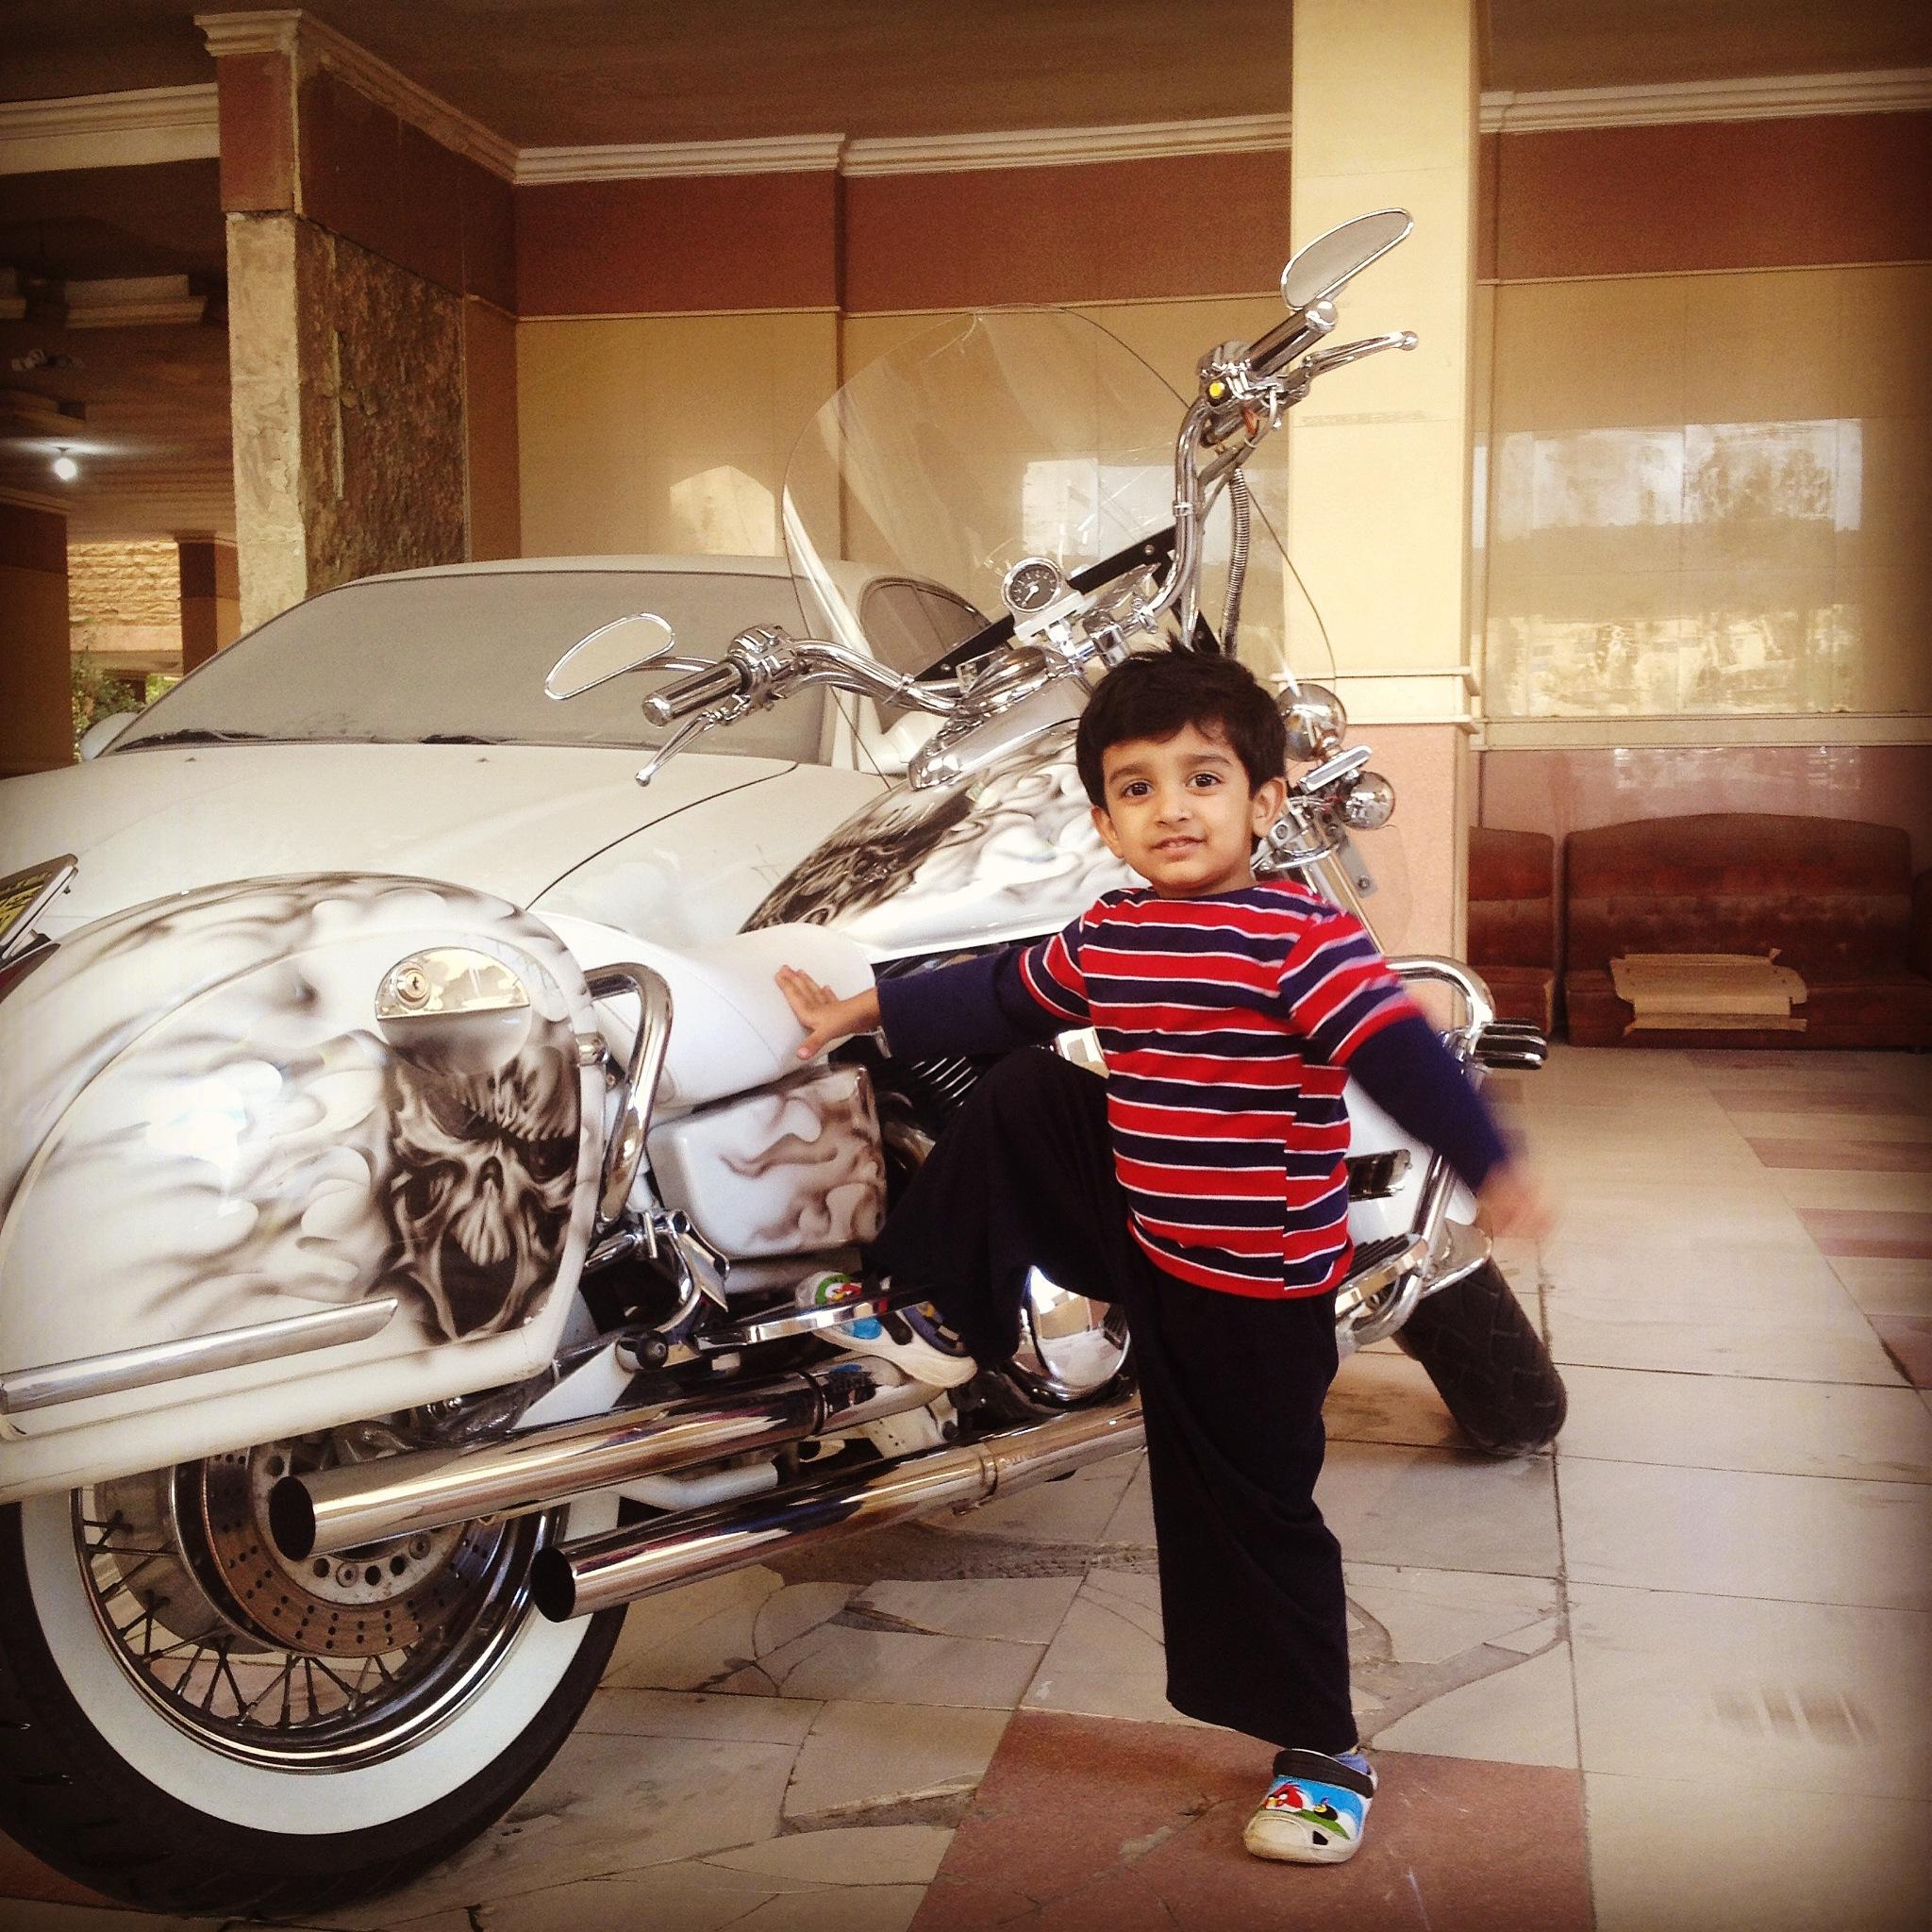 bikers club kuwait by Muhammad Mohsin Bhutta